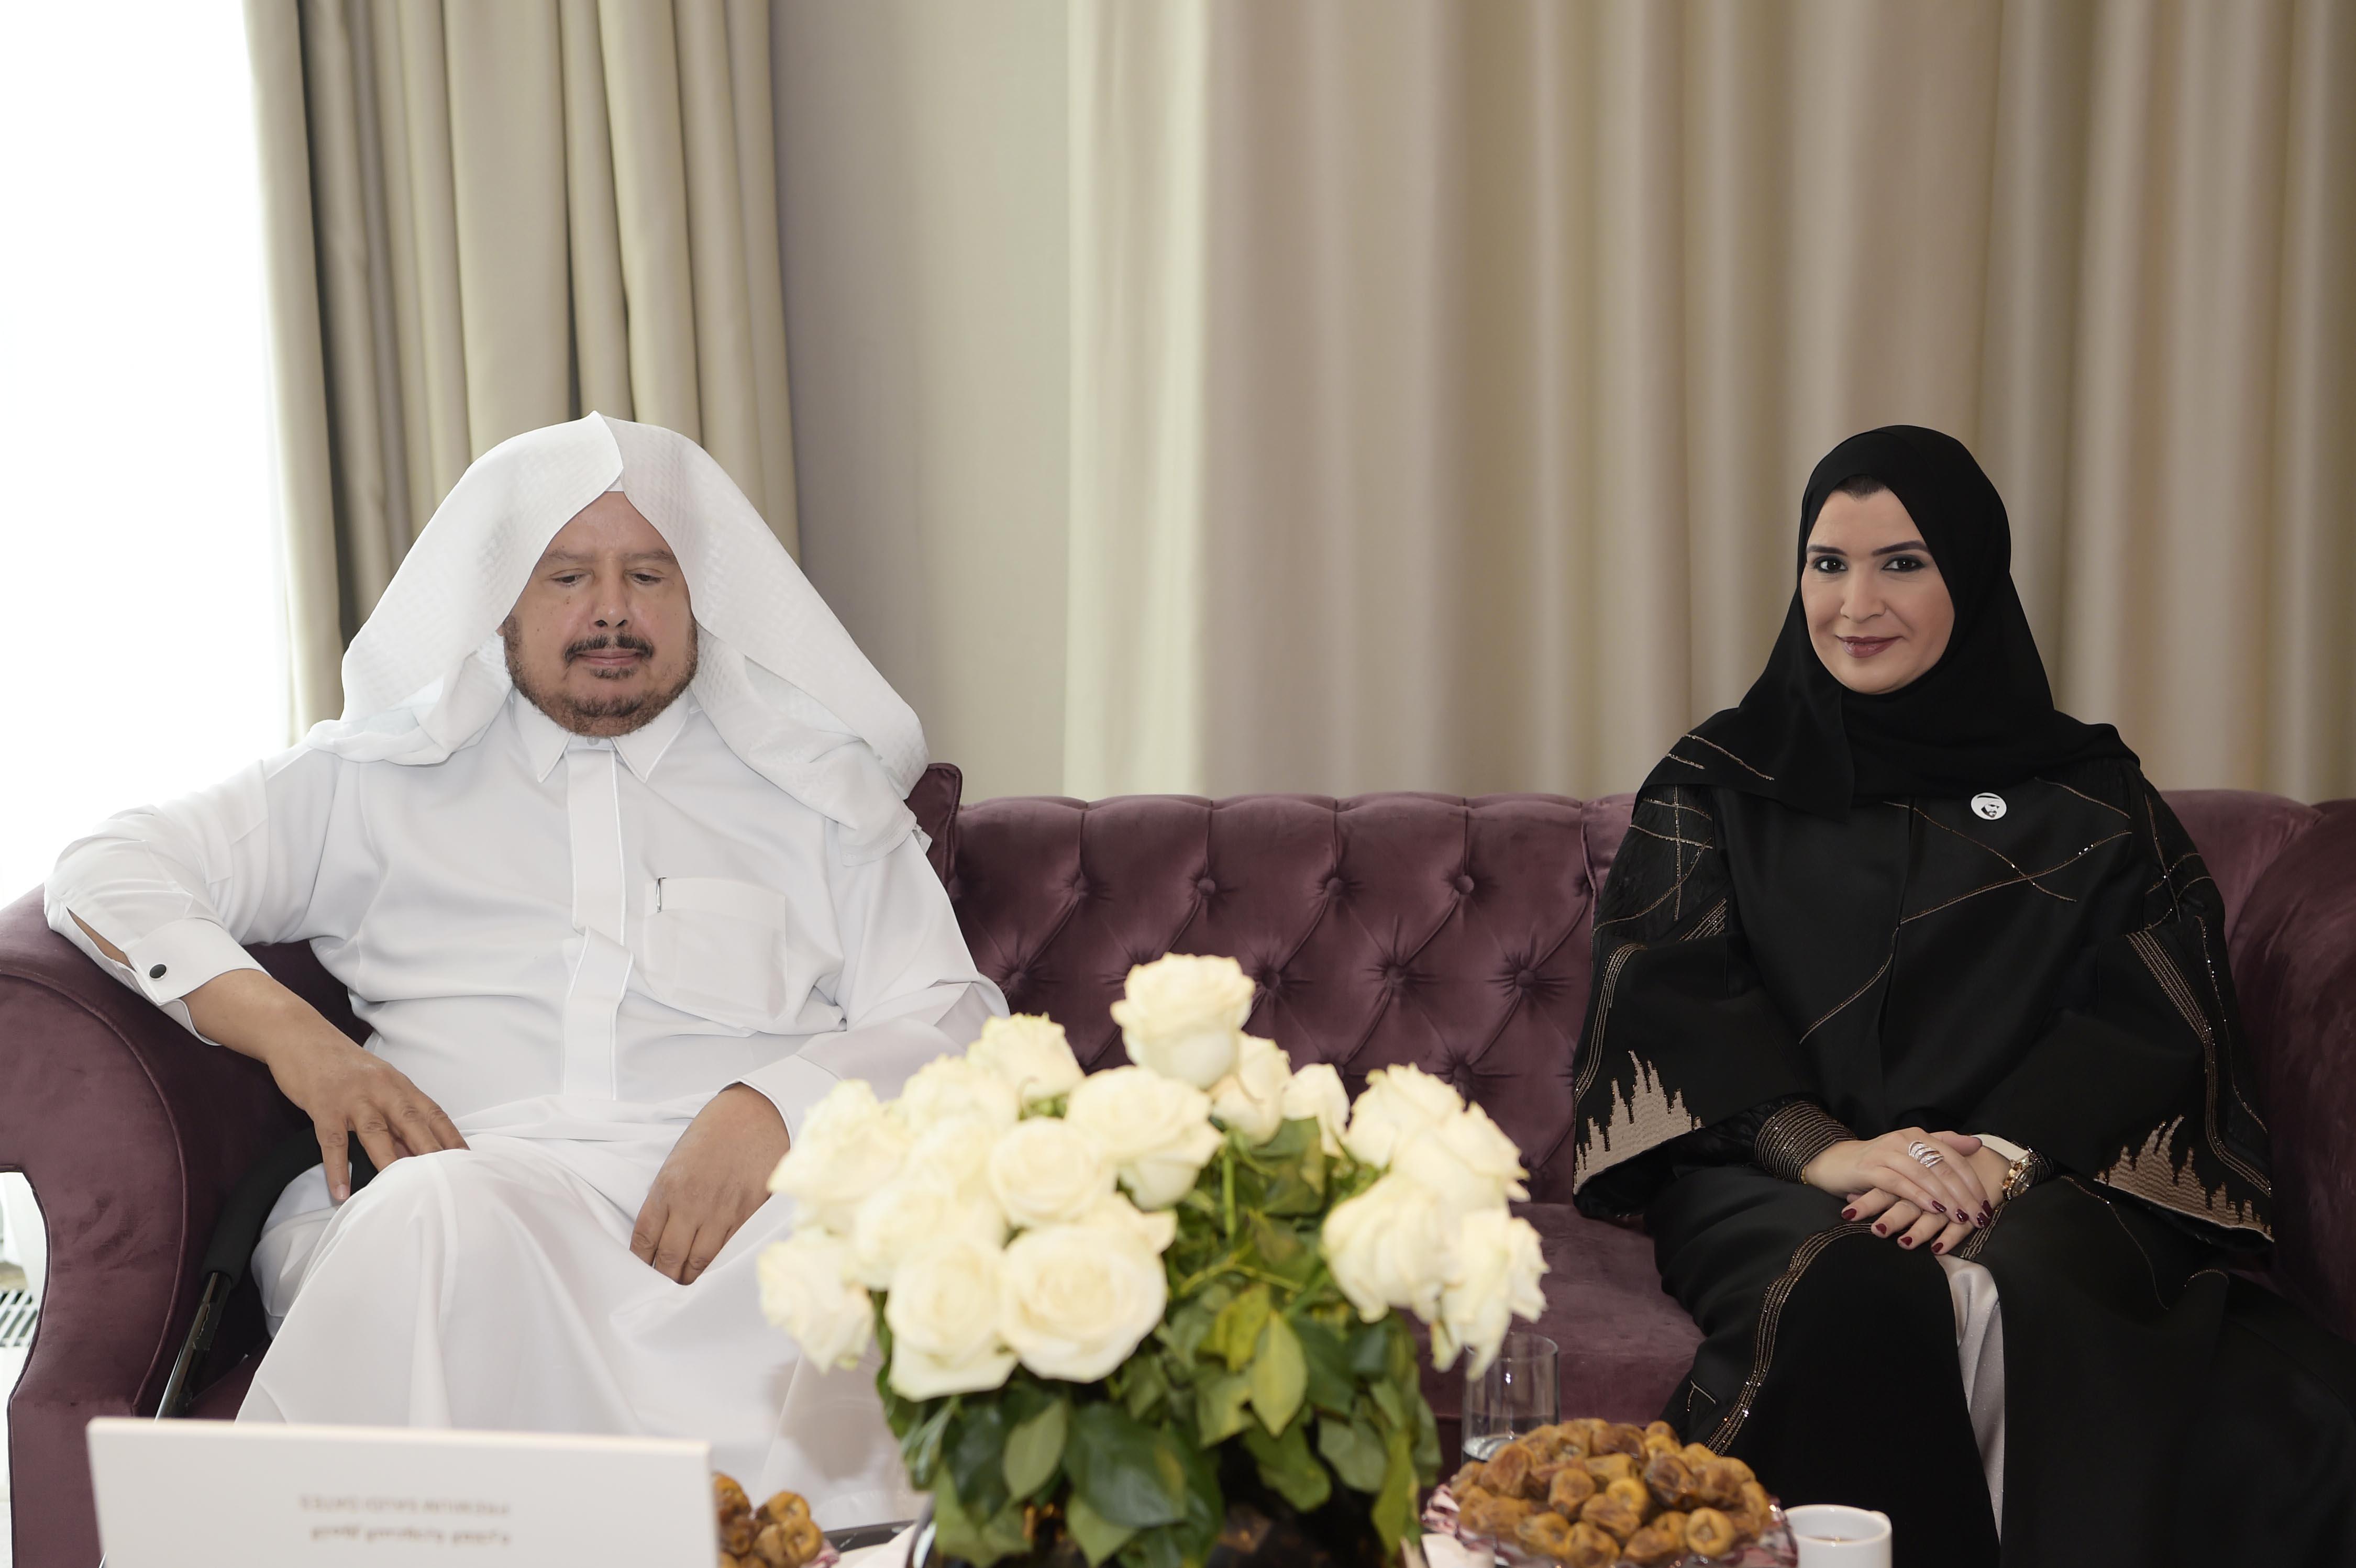 """أمل القبيسي تلتقي رئيس الشورى السعودي خلال اجتماع برلمانات """"آوراسيا"""" بكازاخستان"""